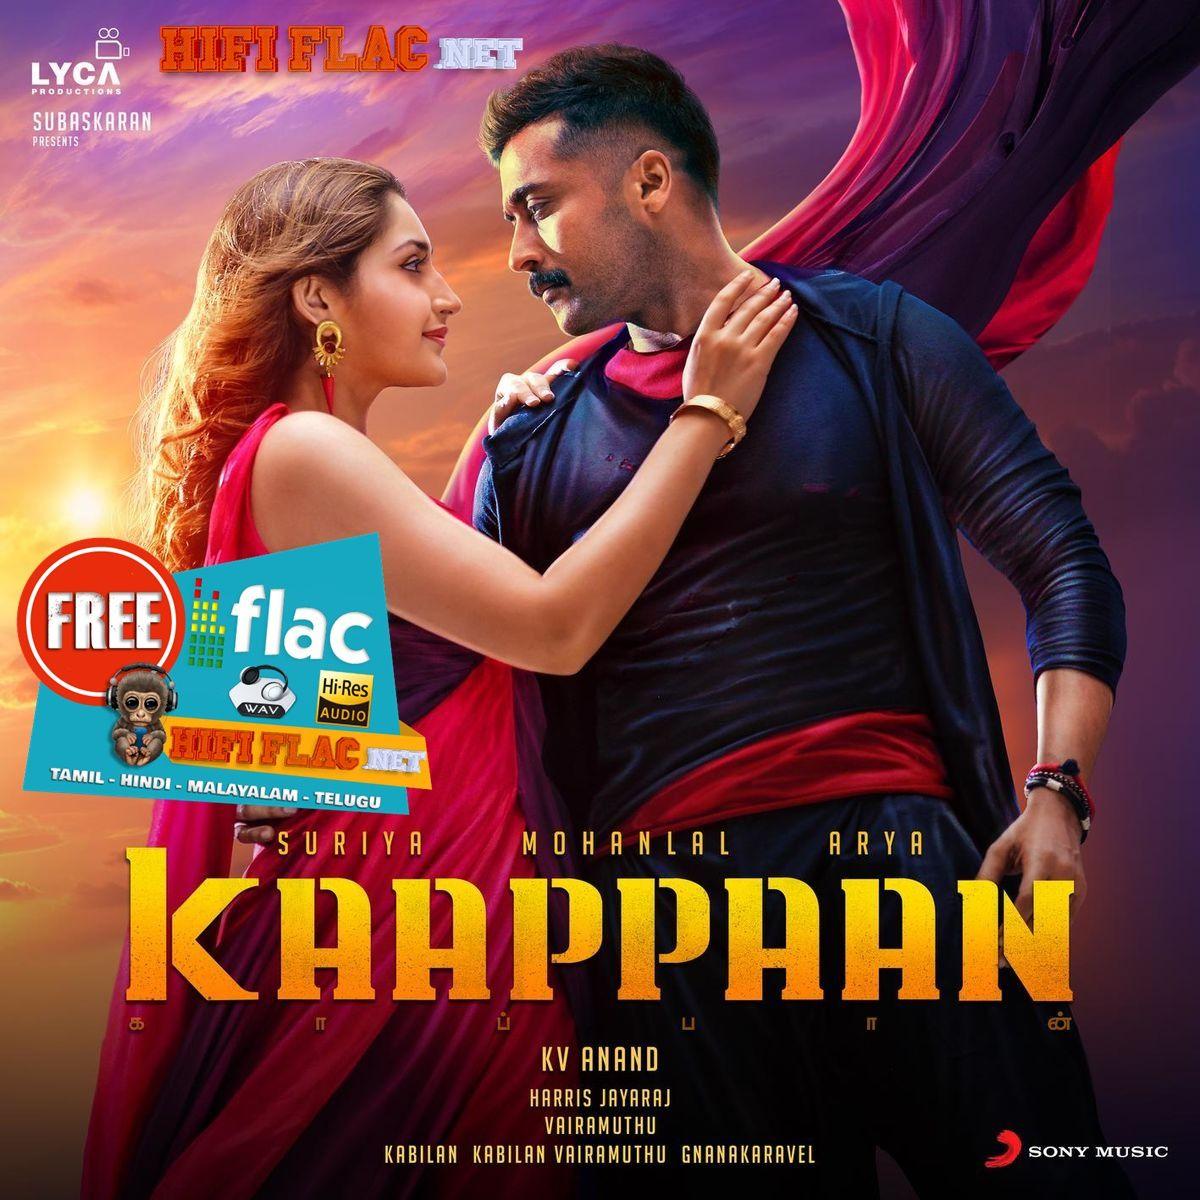 Kaappaan 2019 Tamil 24bit Digitalrip Wav